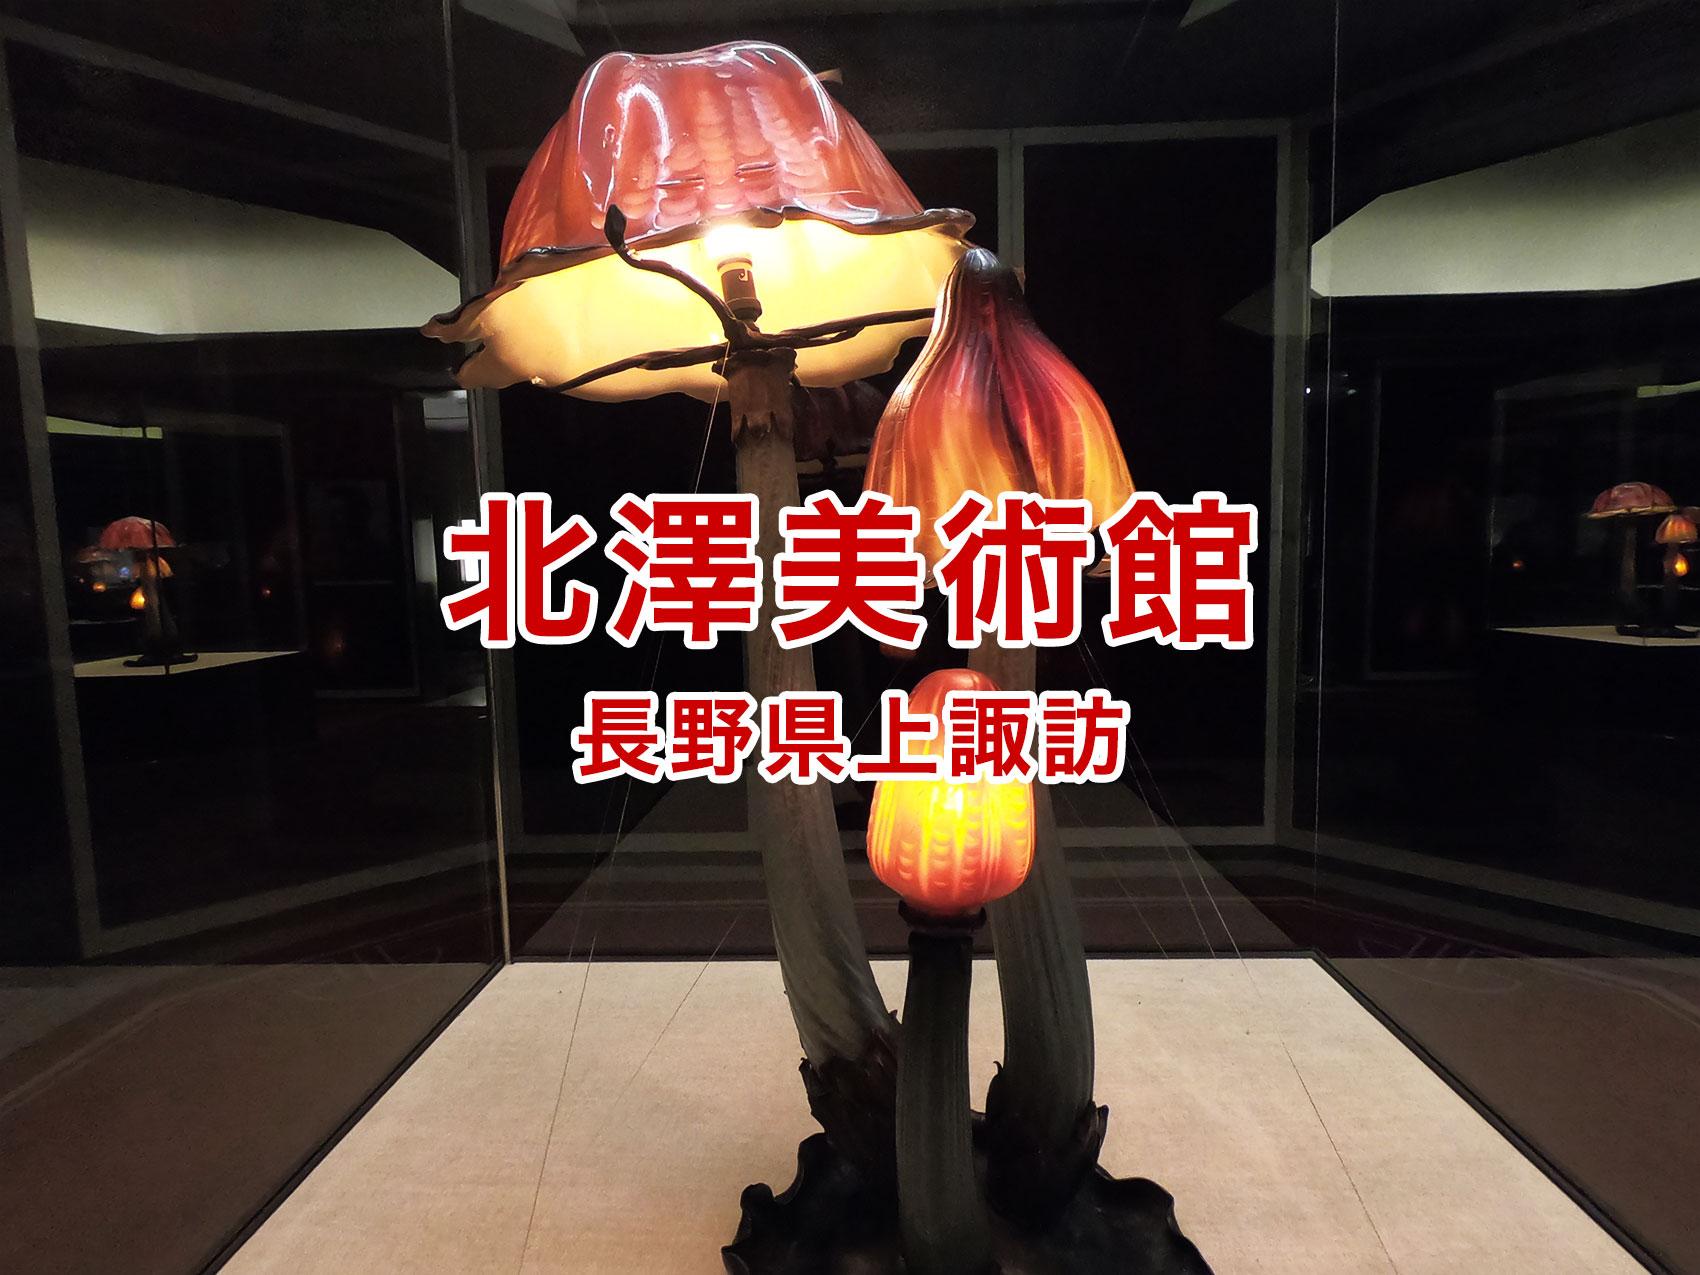 北澤美術館でエミール・ガレ、ドーム兄弟、ルネ・ラリックのガラス工芸を観てきたよ